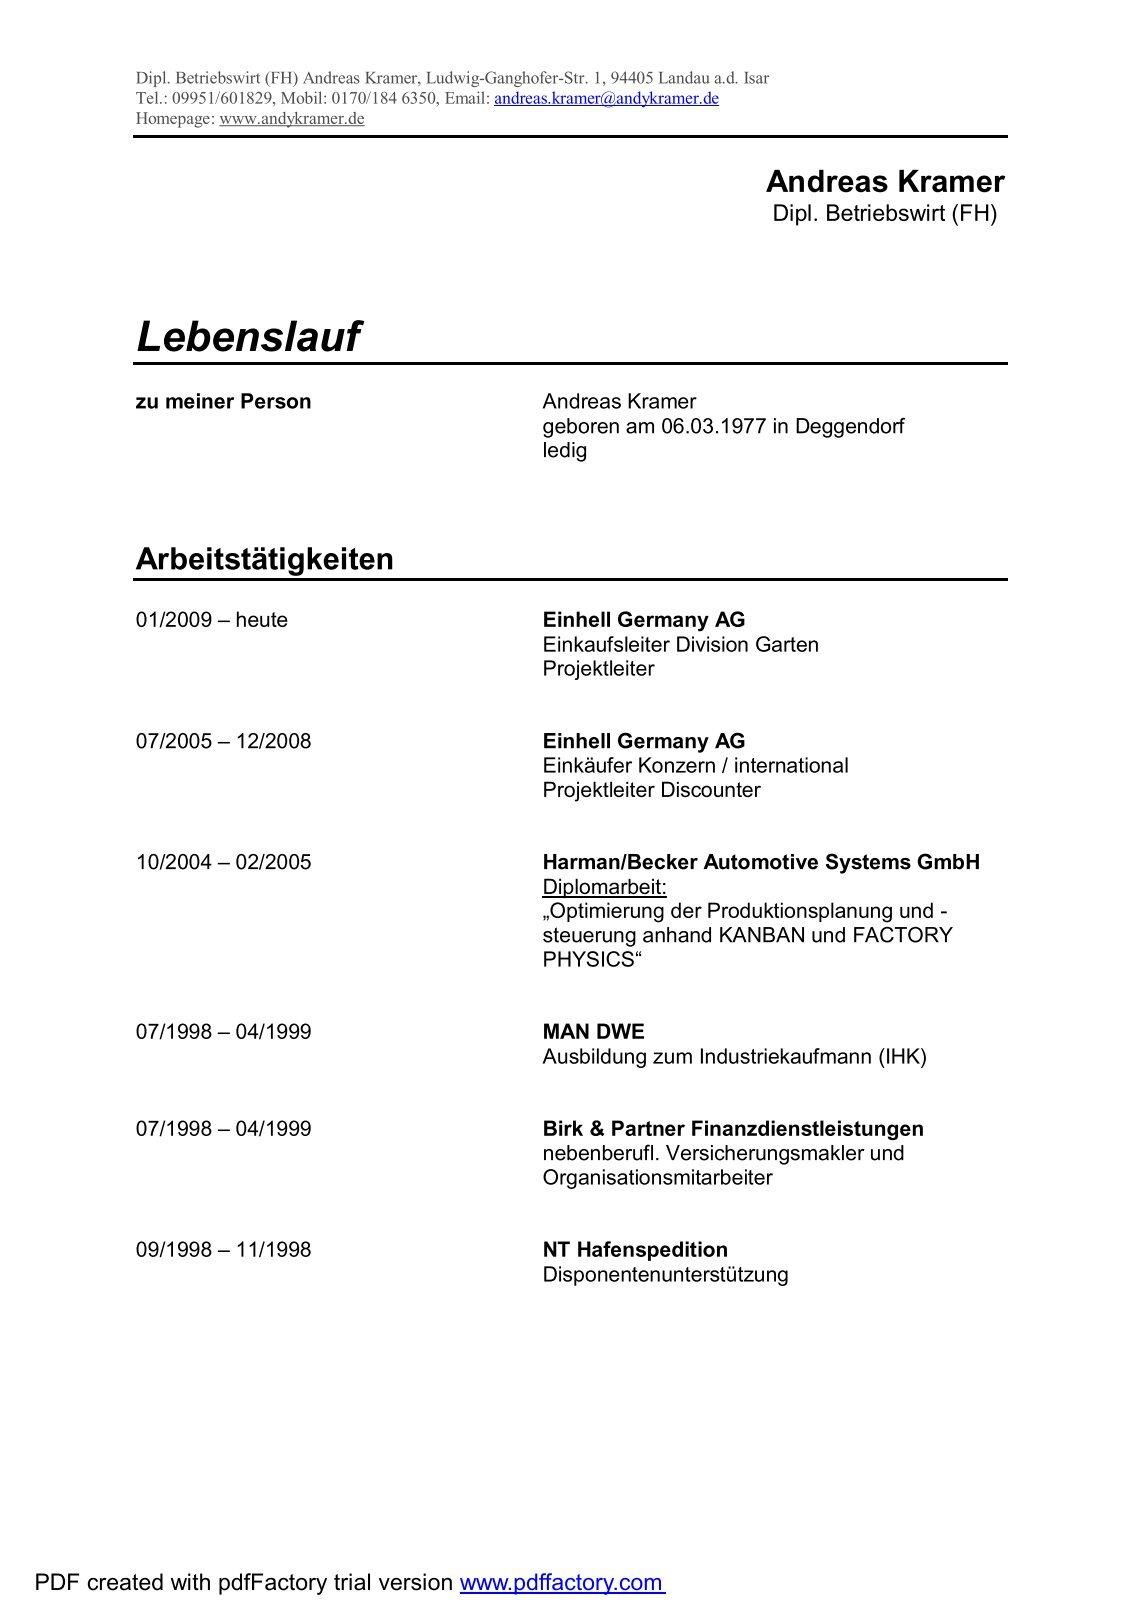 Beste Schreiben Für Boeing Fortsetzen Galerie - Entry Level Resume ...